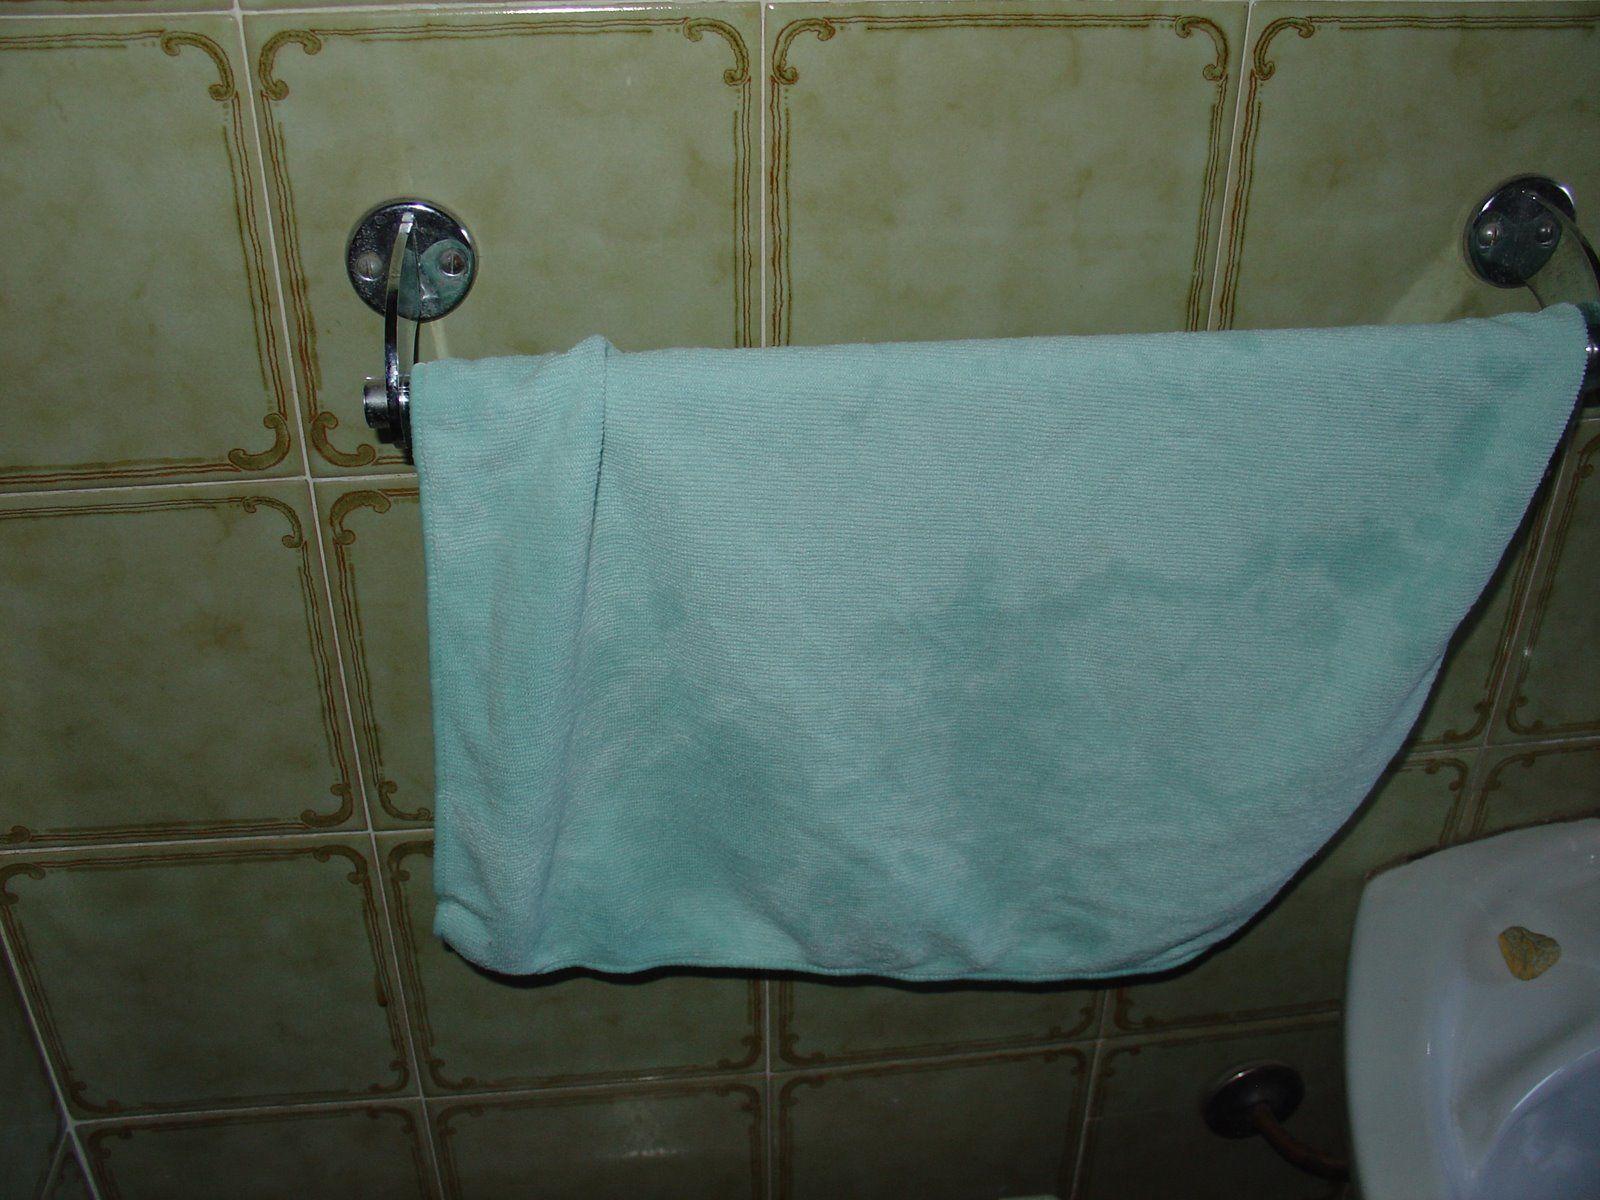 comment utiliser une microfibre pour nettoyer son lavabo consommer durable. Black Bedroom Furniture Sets. Home Design Ideas